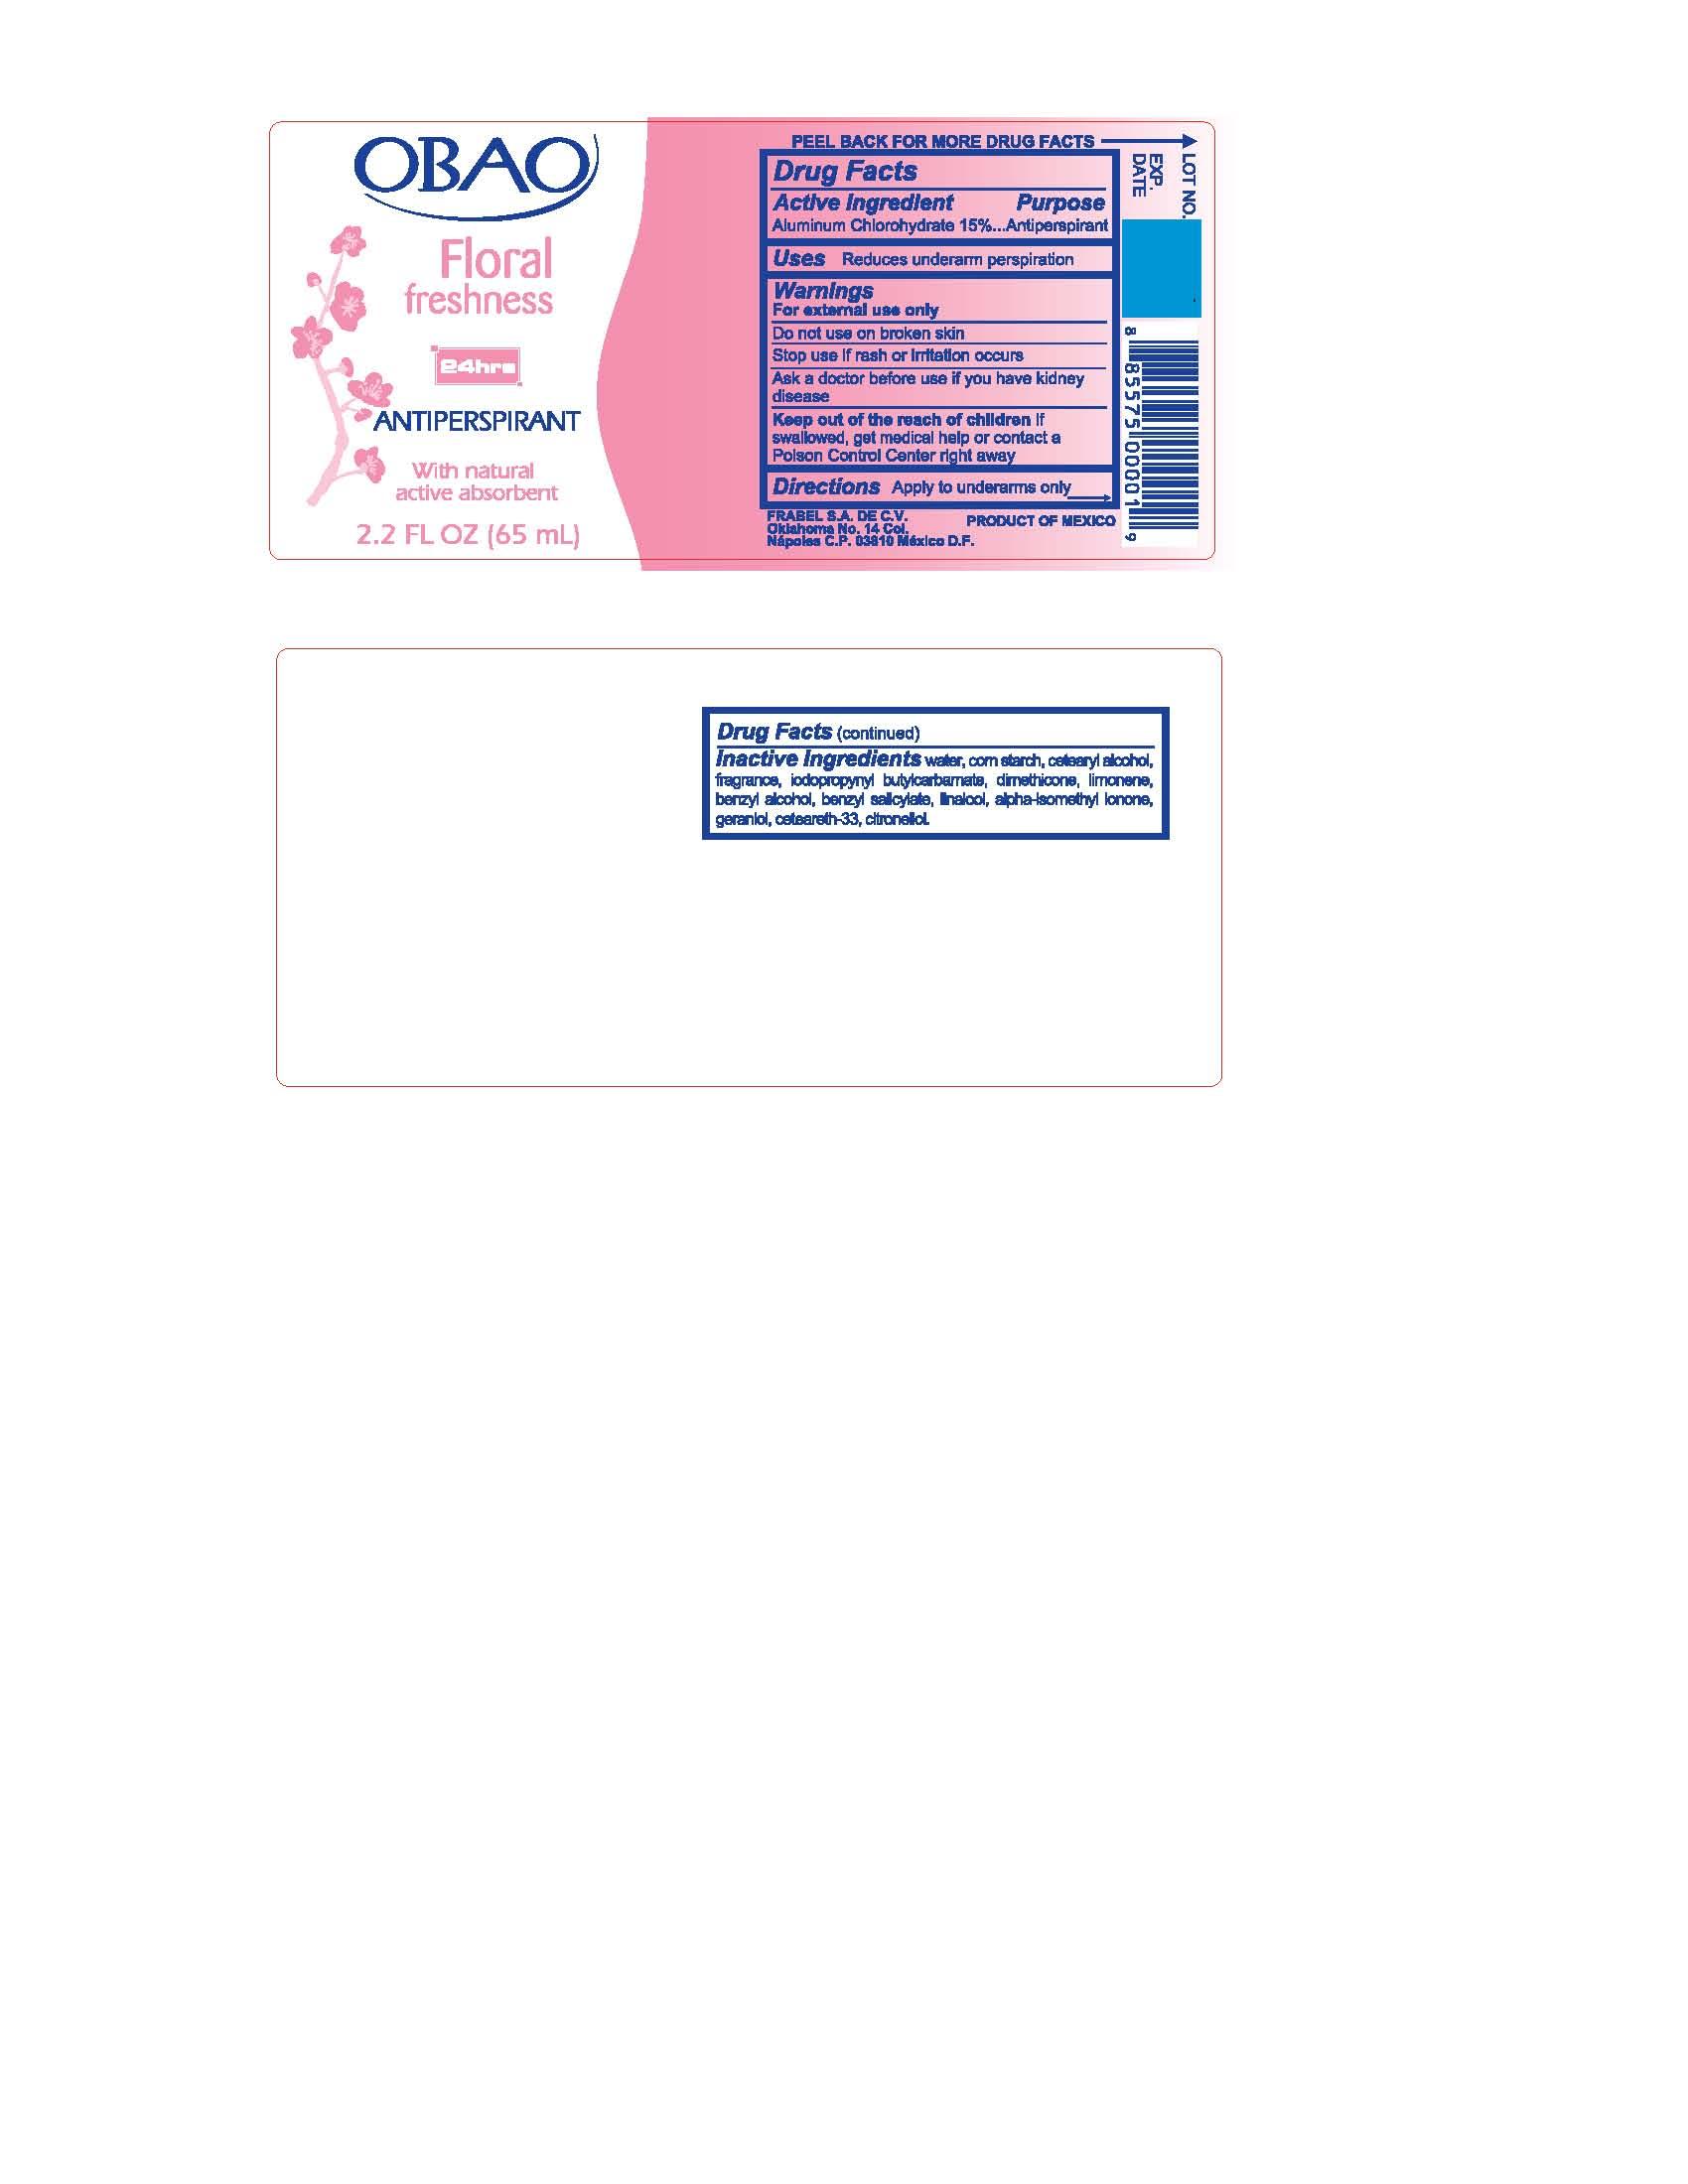 Antiperspirant Deodorant (Aluminum Chlorohydrate) Liquid [Frabel S.a De C.v.]